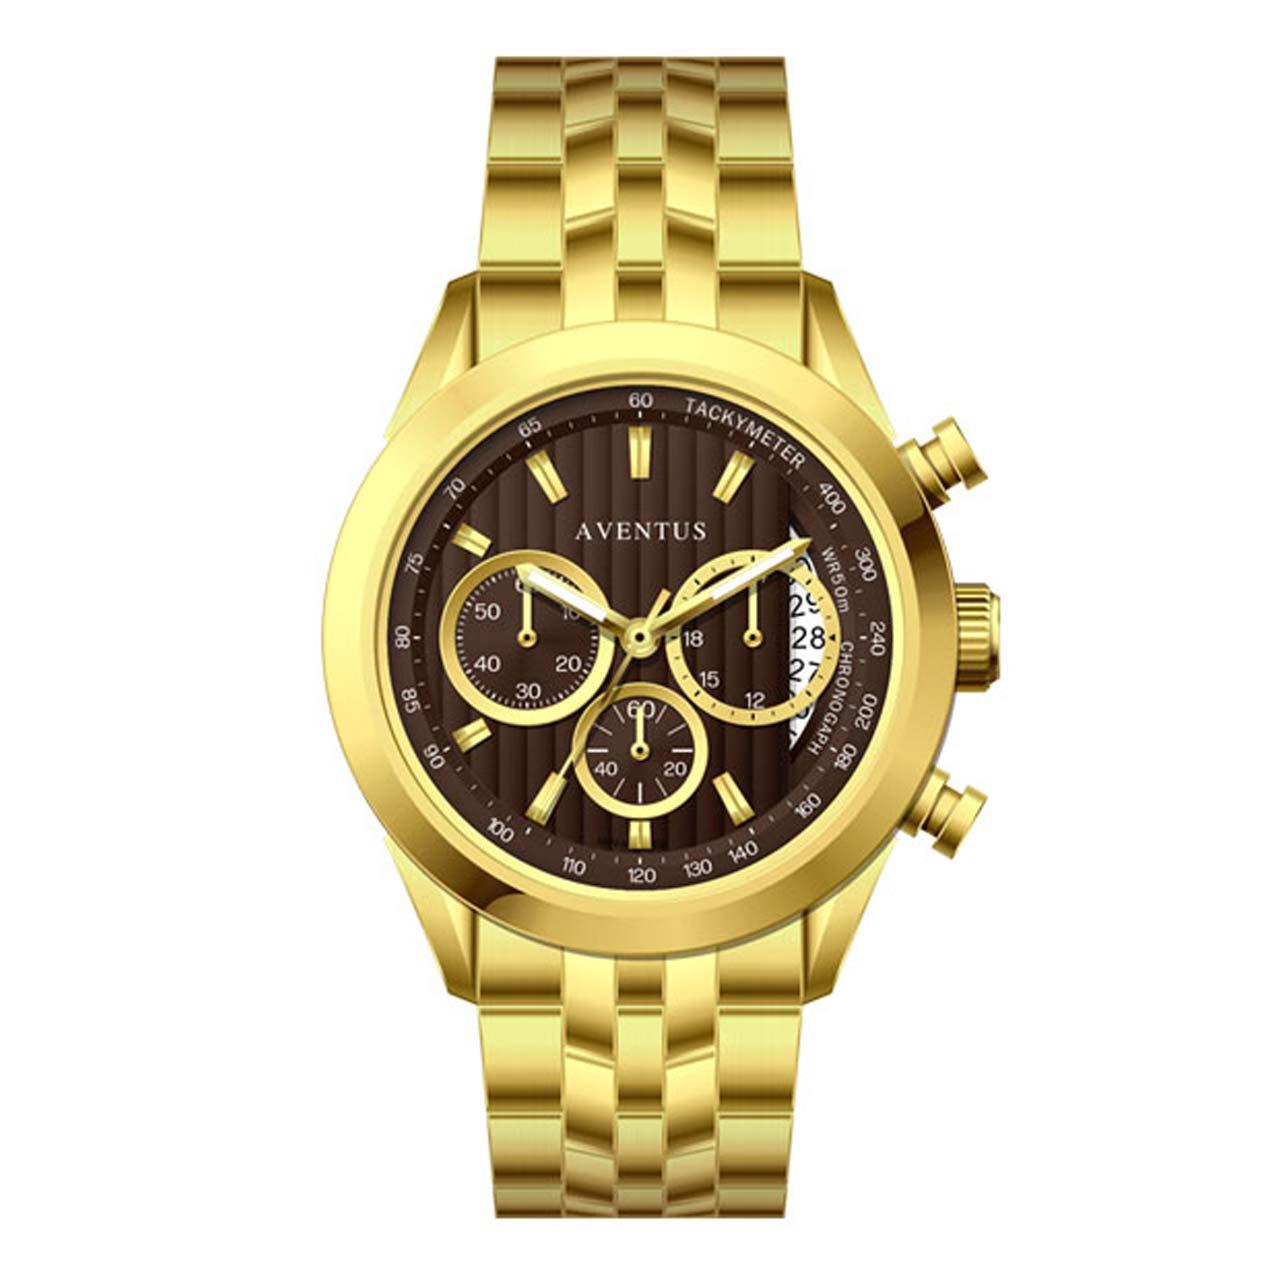 ساعت مچی عقربه ای زنانه اونتوس مدل 1346-2LBR 20